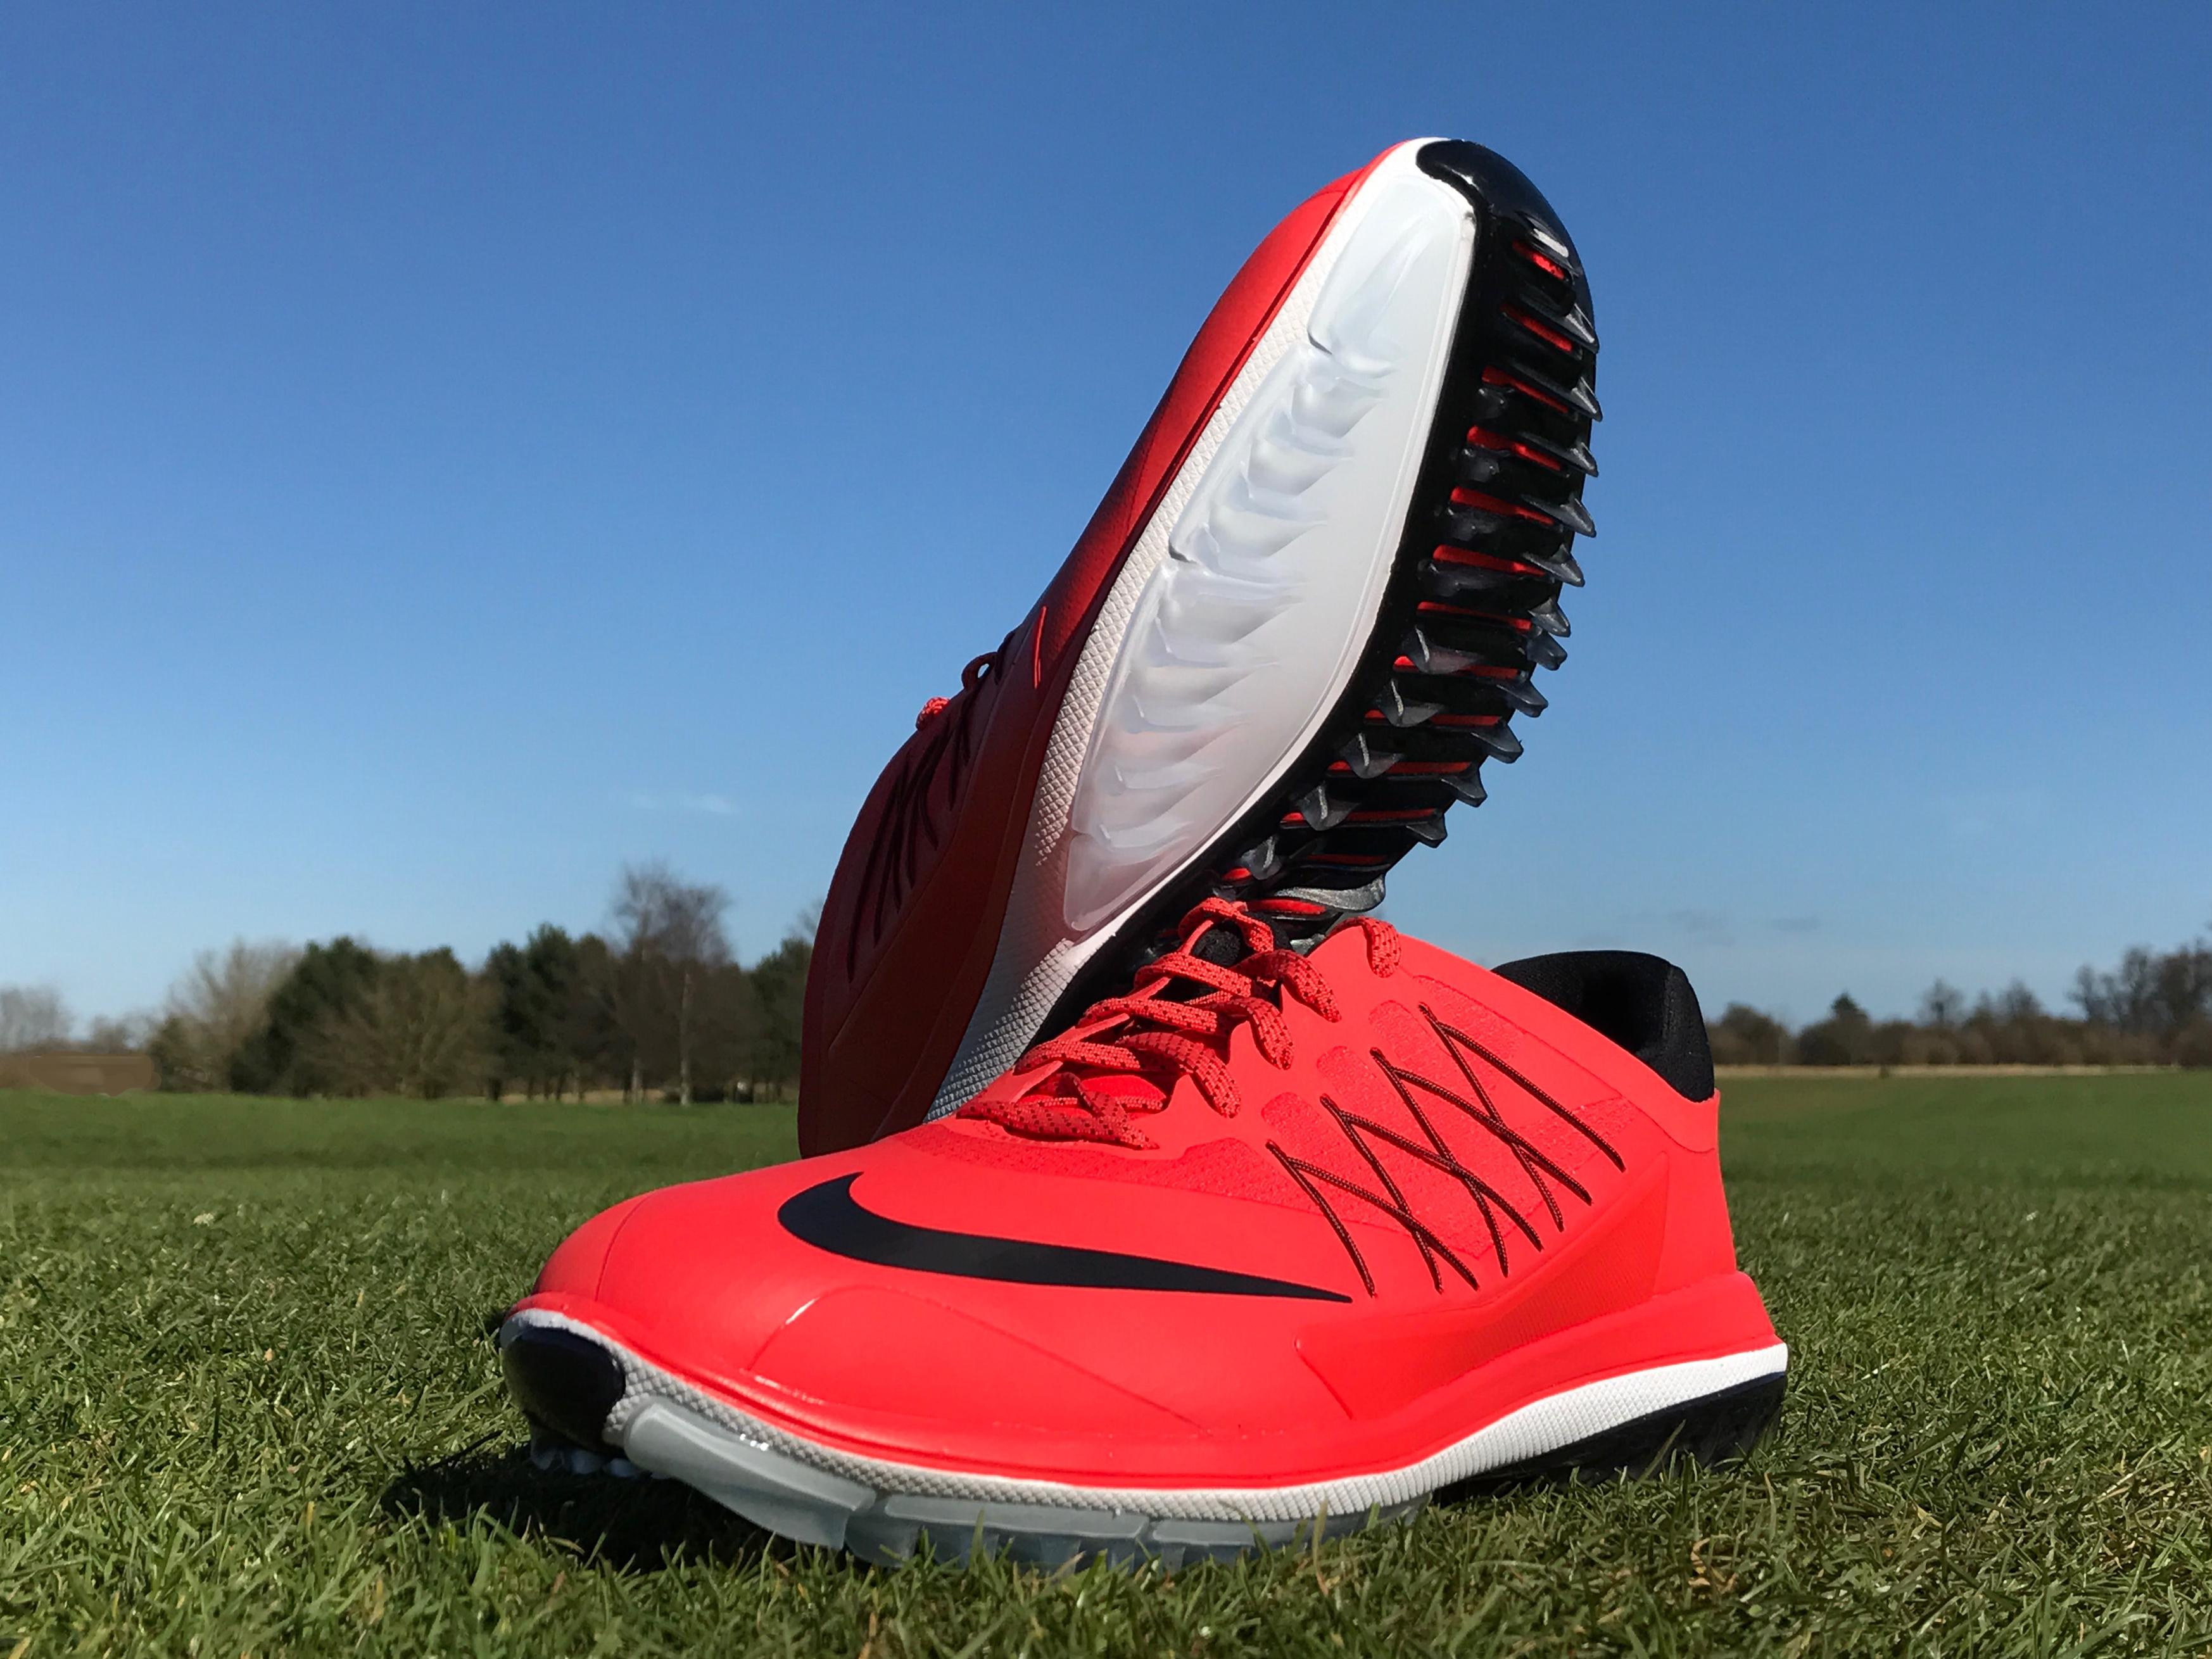 buy popular e2e38 b836f Nike Lunar Control Vapor Shoe Review - Golf Monthly